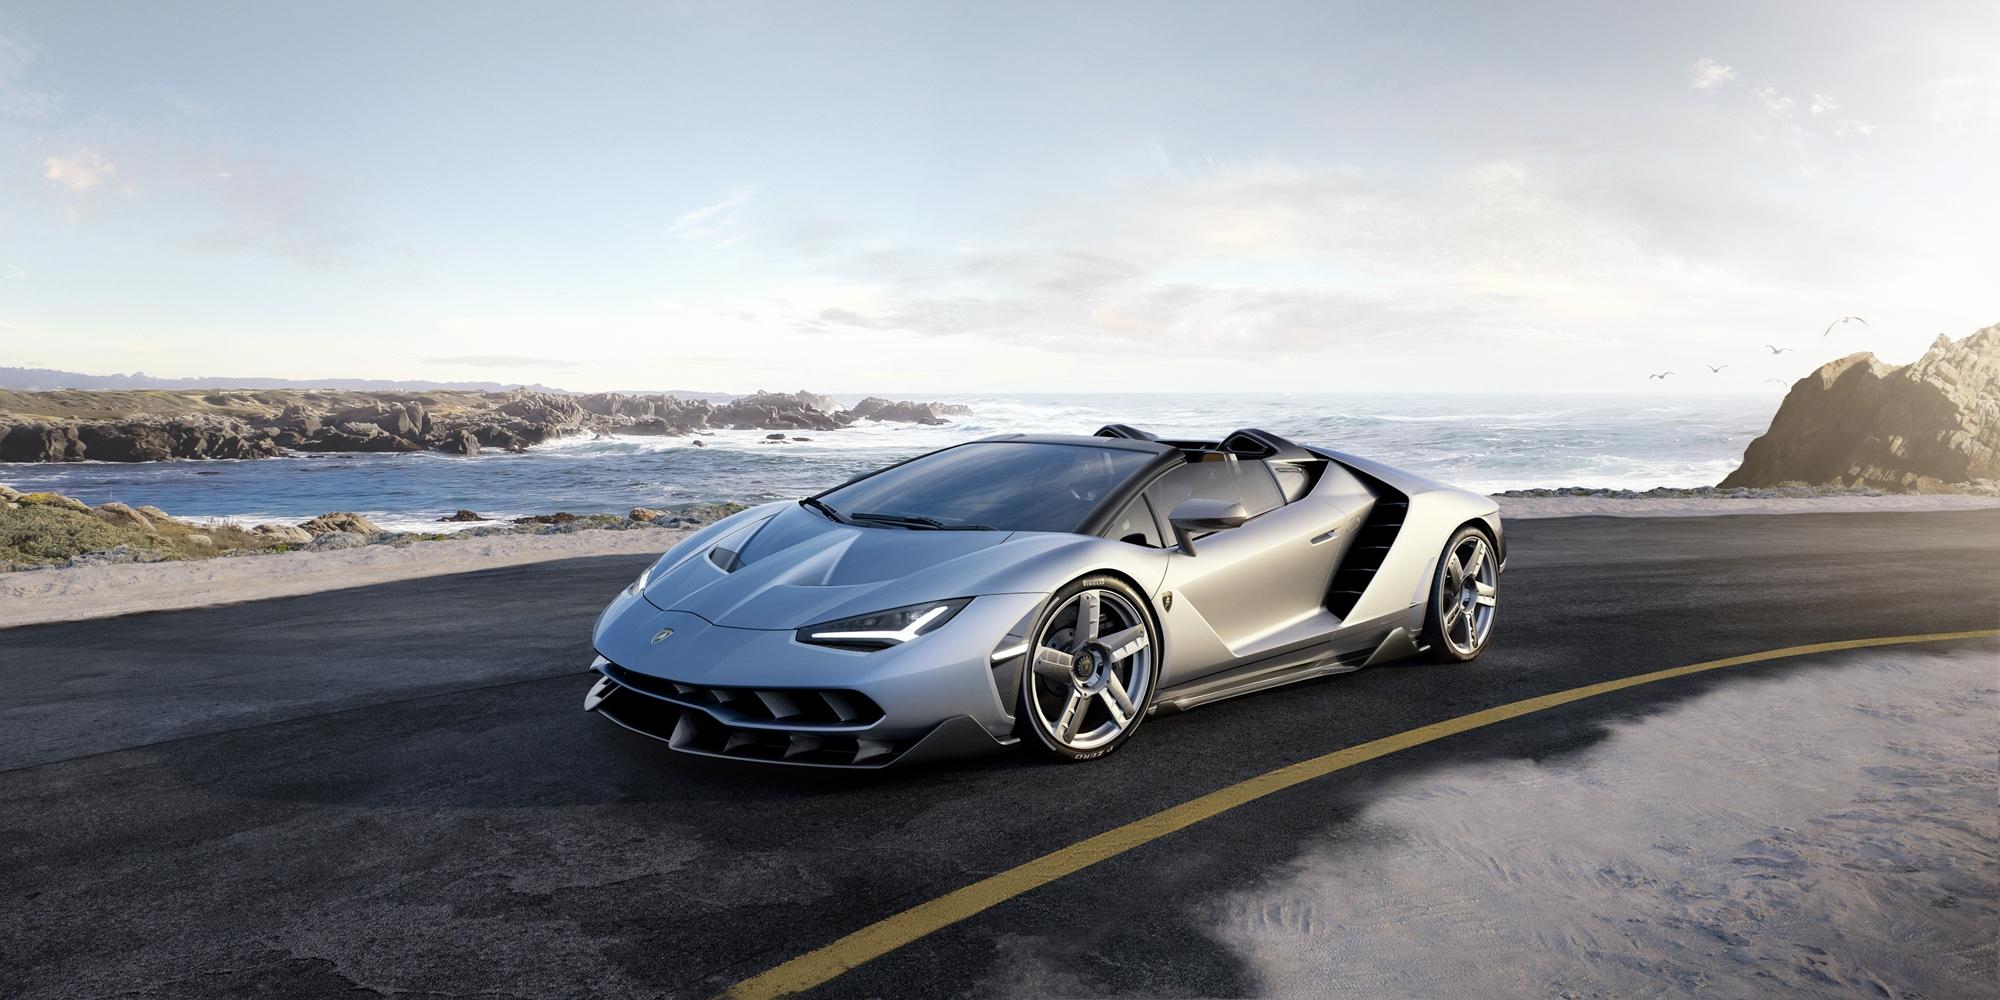 2016 Lamborghini Centenario Features Specs And Price Carbuzz